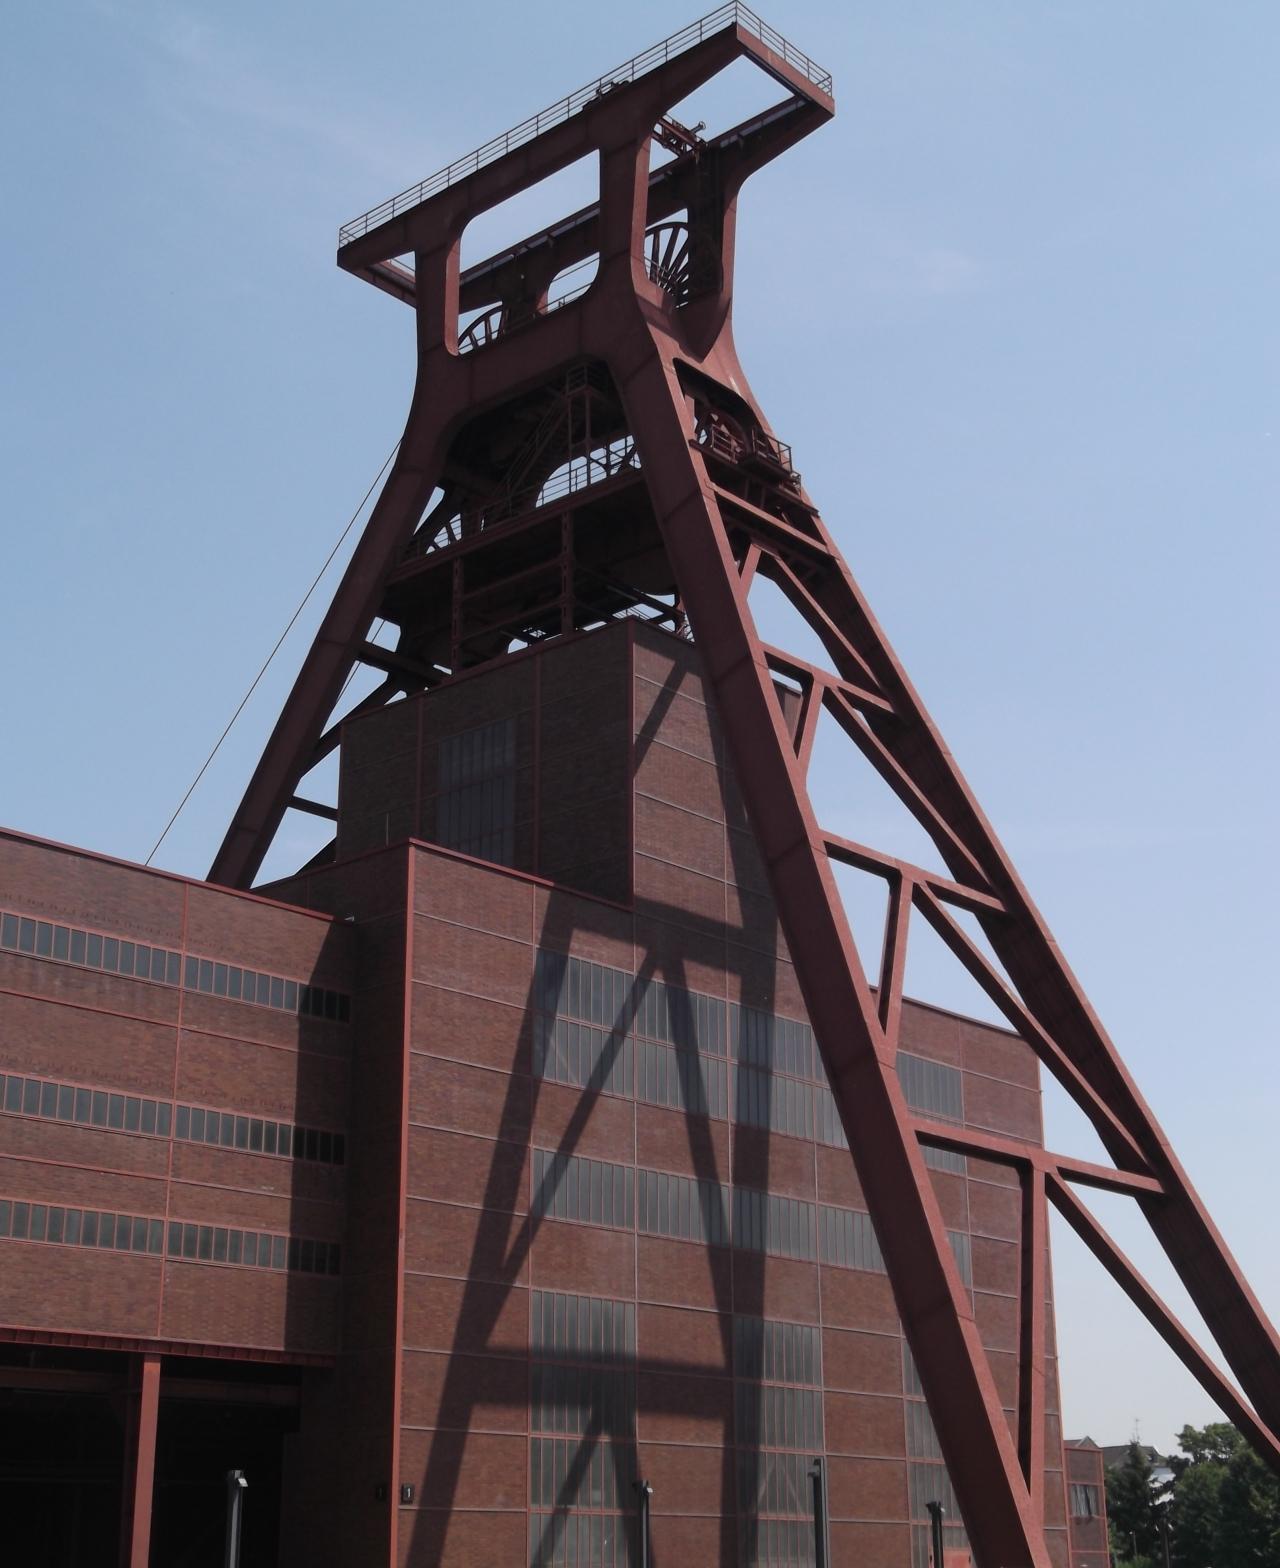 World Heritage Site Zollverein in Essen,Germany.